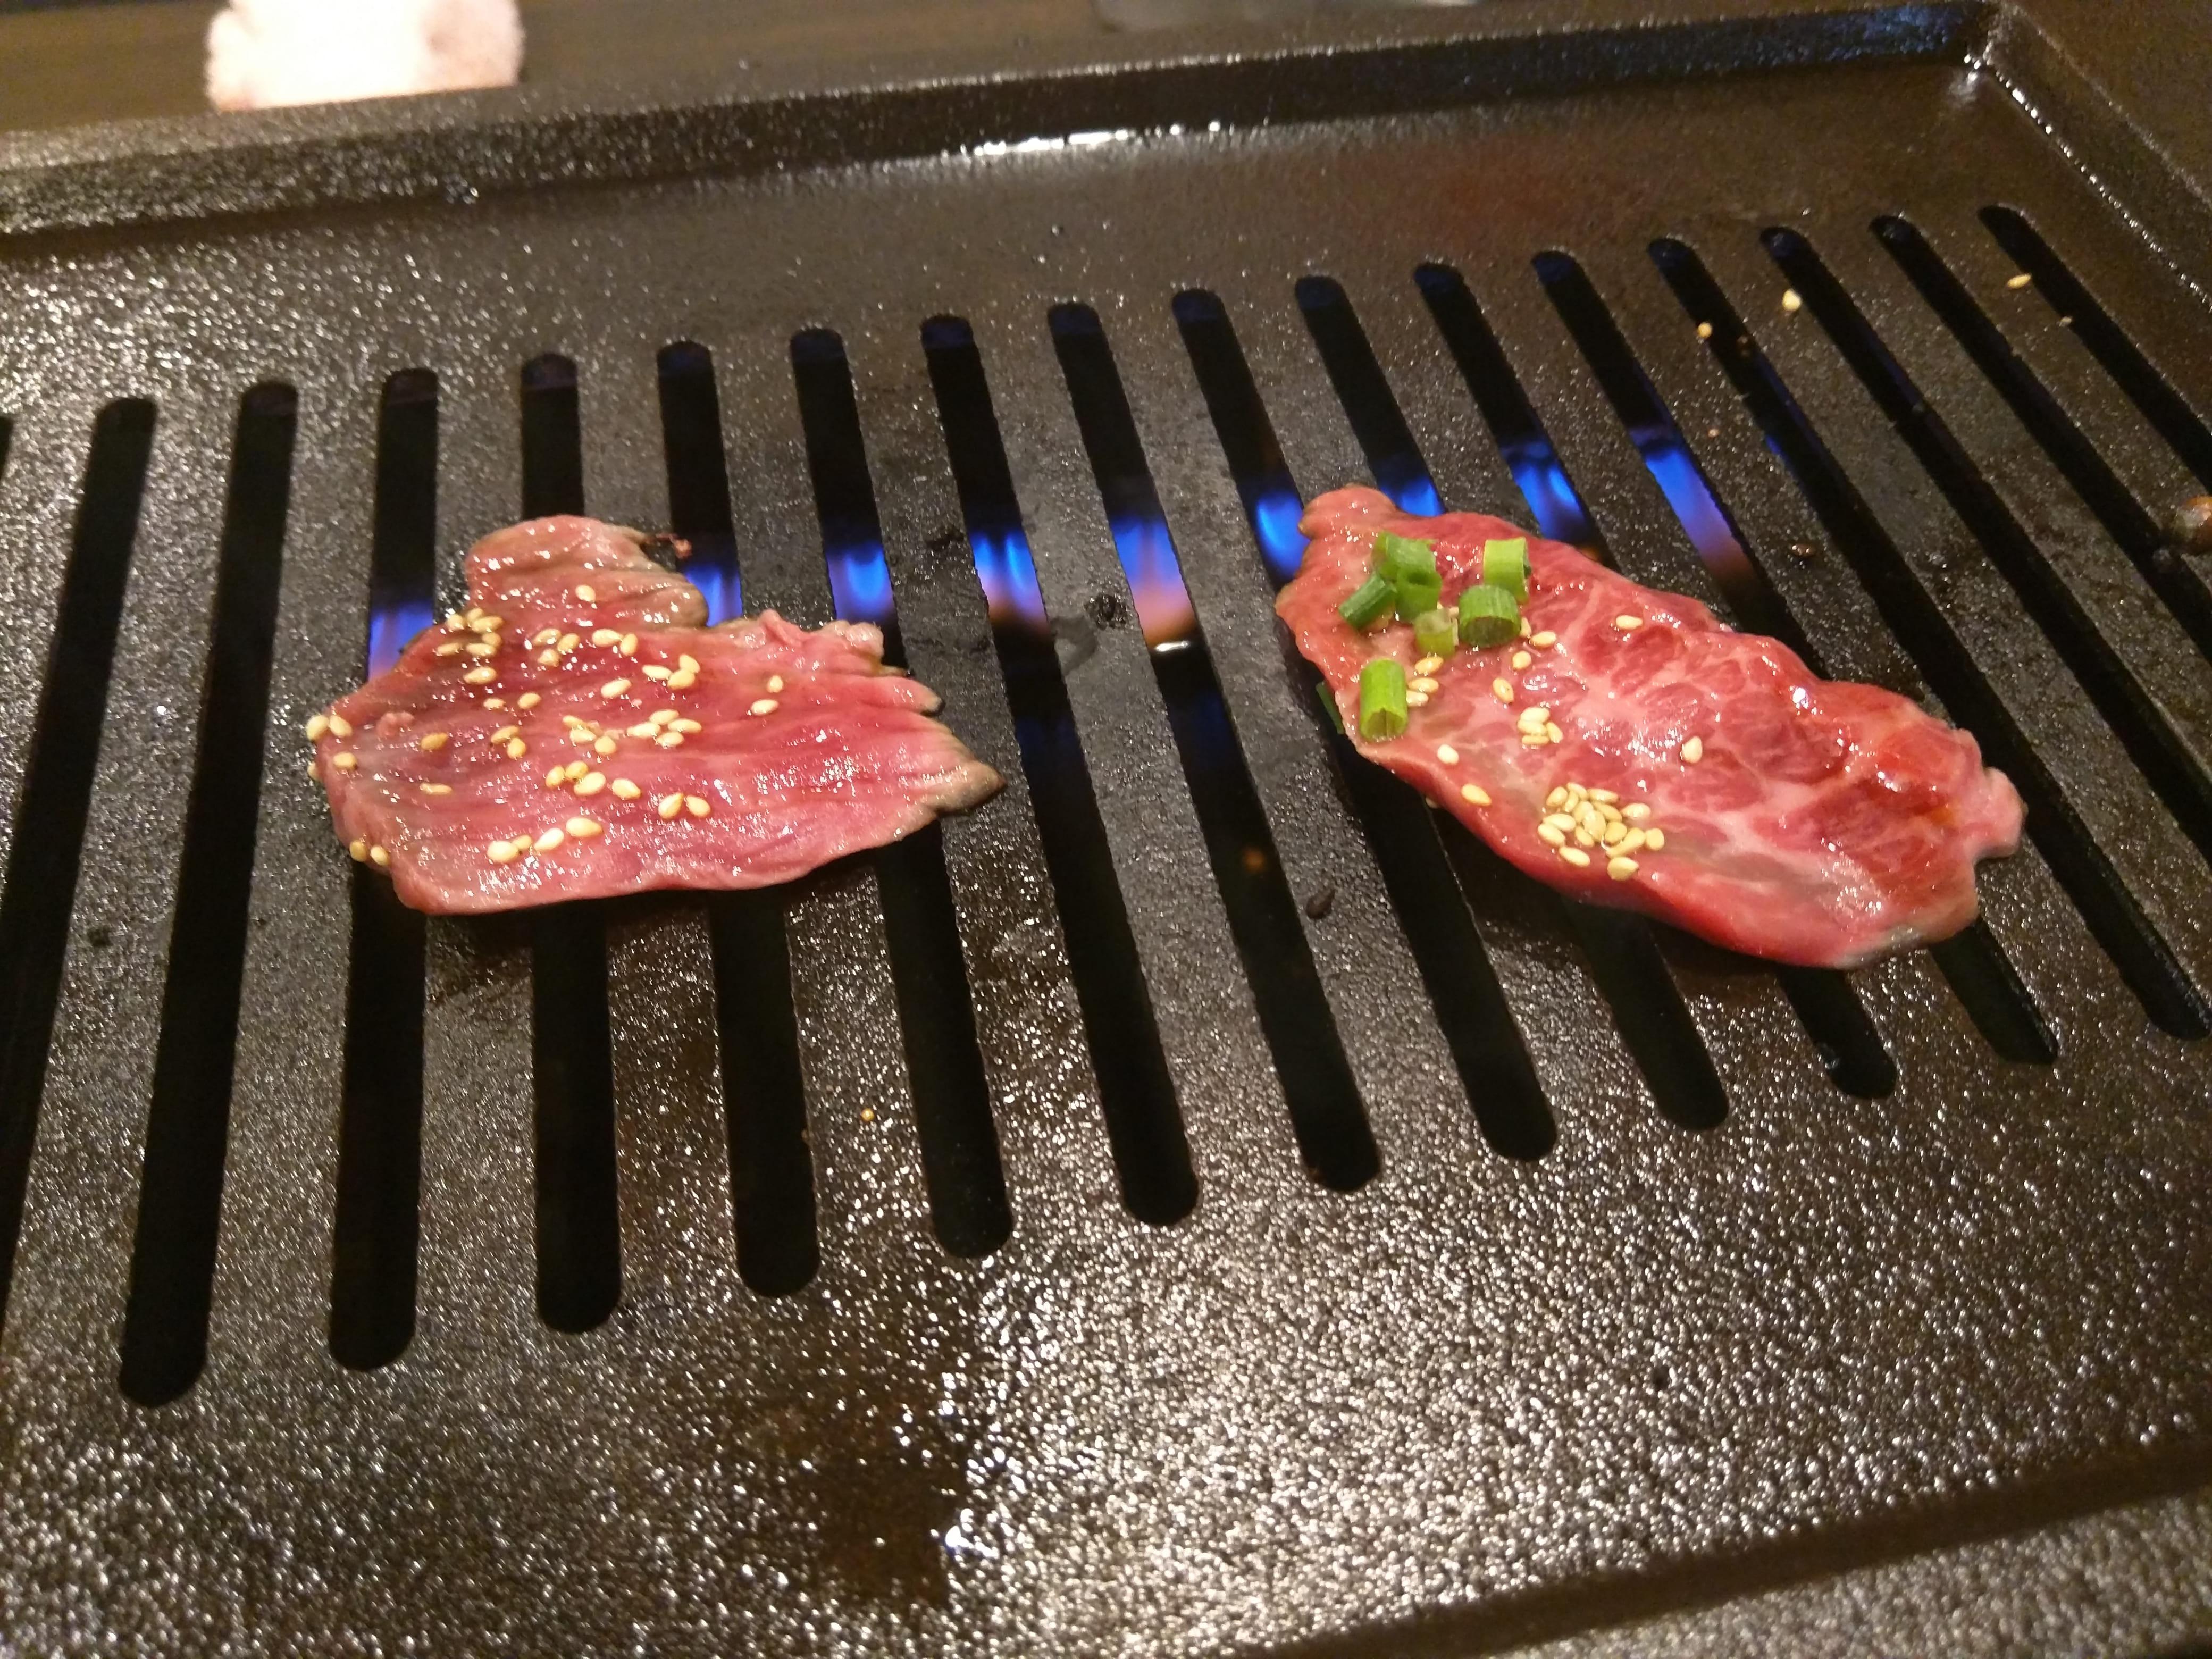 黒毛和牛がそこそこリーズナブルに食べられる焼肉屋 ~ 西ケ原 牛の蔵元 うえはら